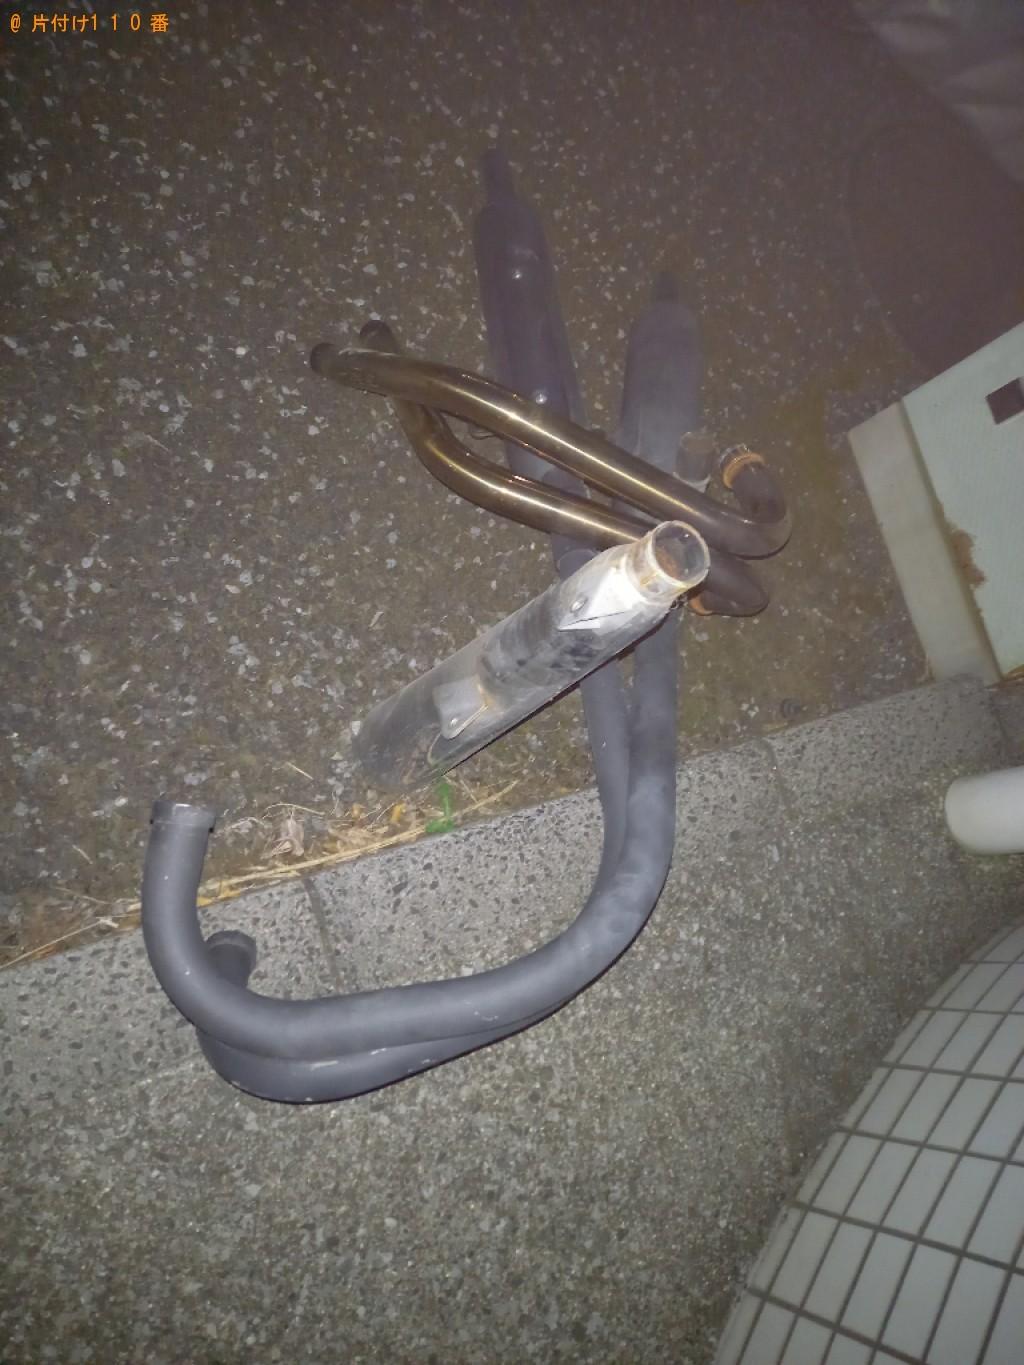 【長崎市】バイクのマフラーの回収・処分ご依頼 お客様の声